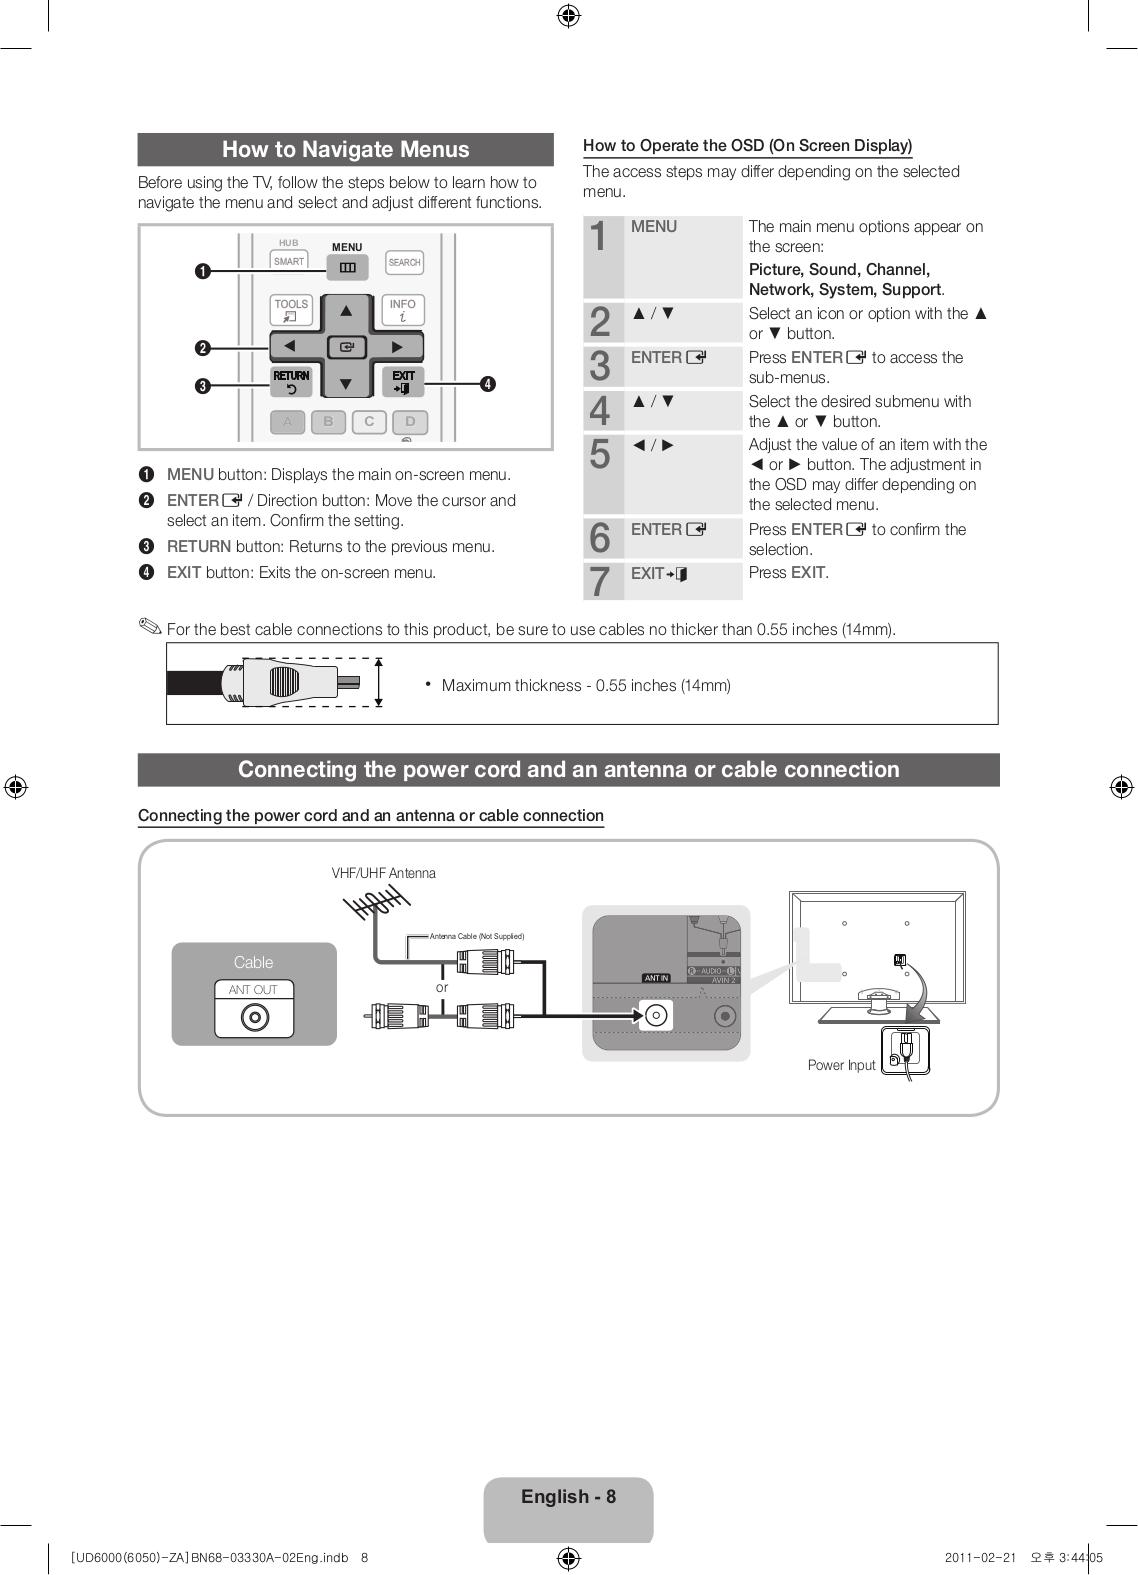 Pdf Manual For Samsung Tv Un46d6000 border=